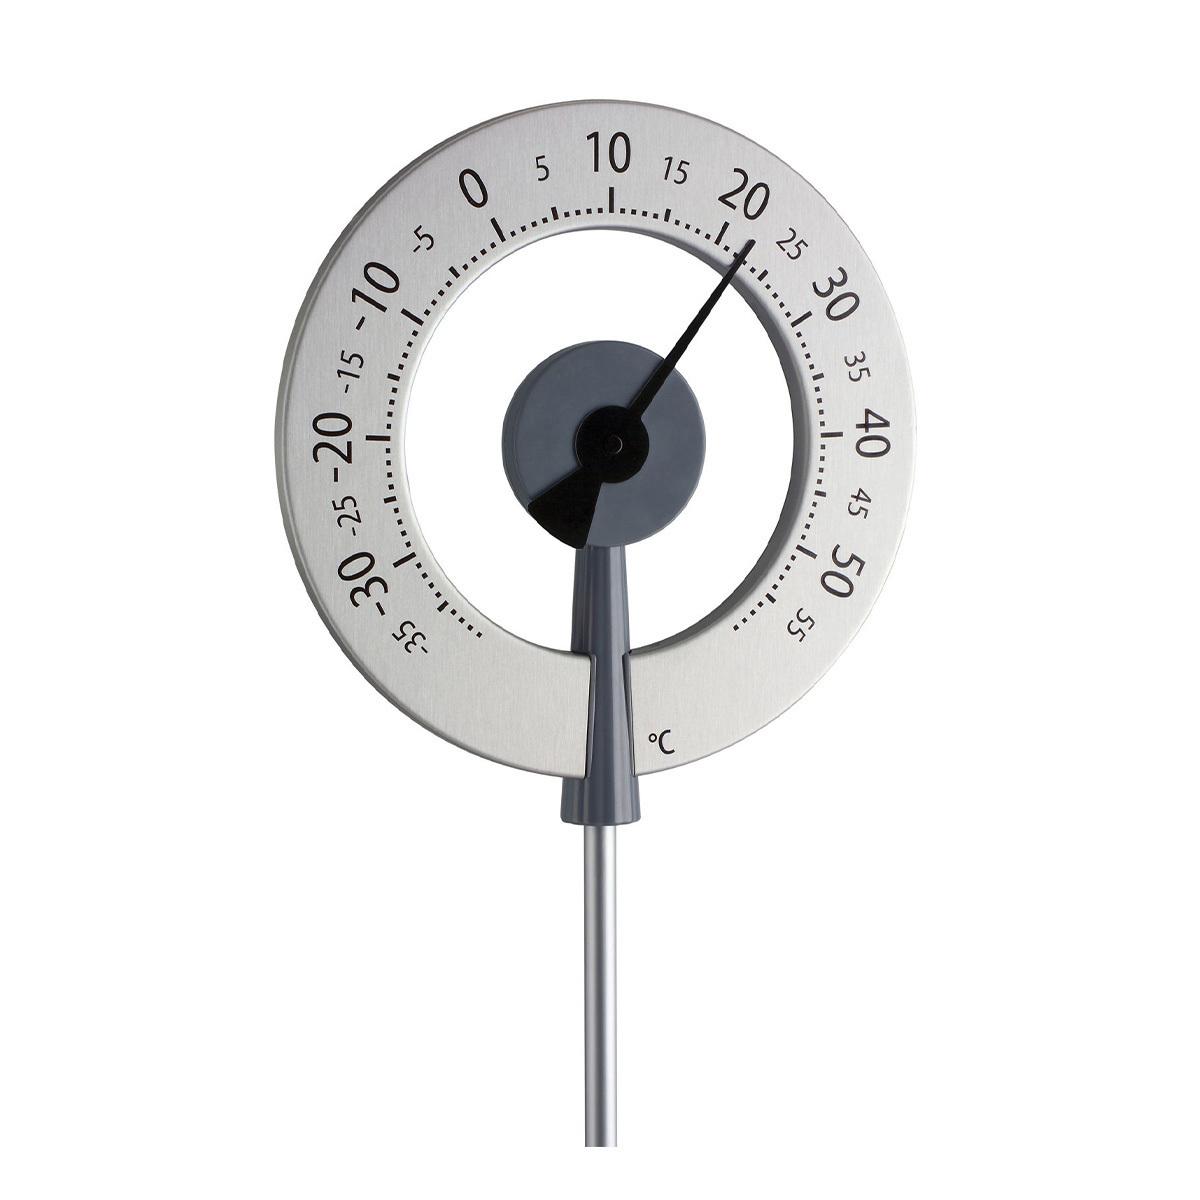 12-2055-10-analoges-design-gartenthermometer-lollipop-1200x1200px.jpg